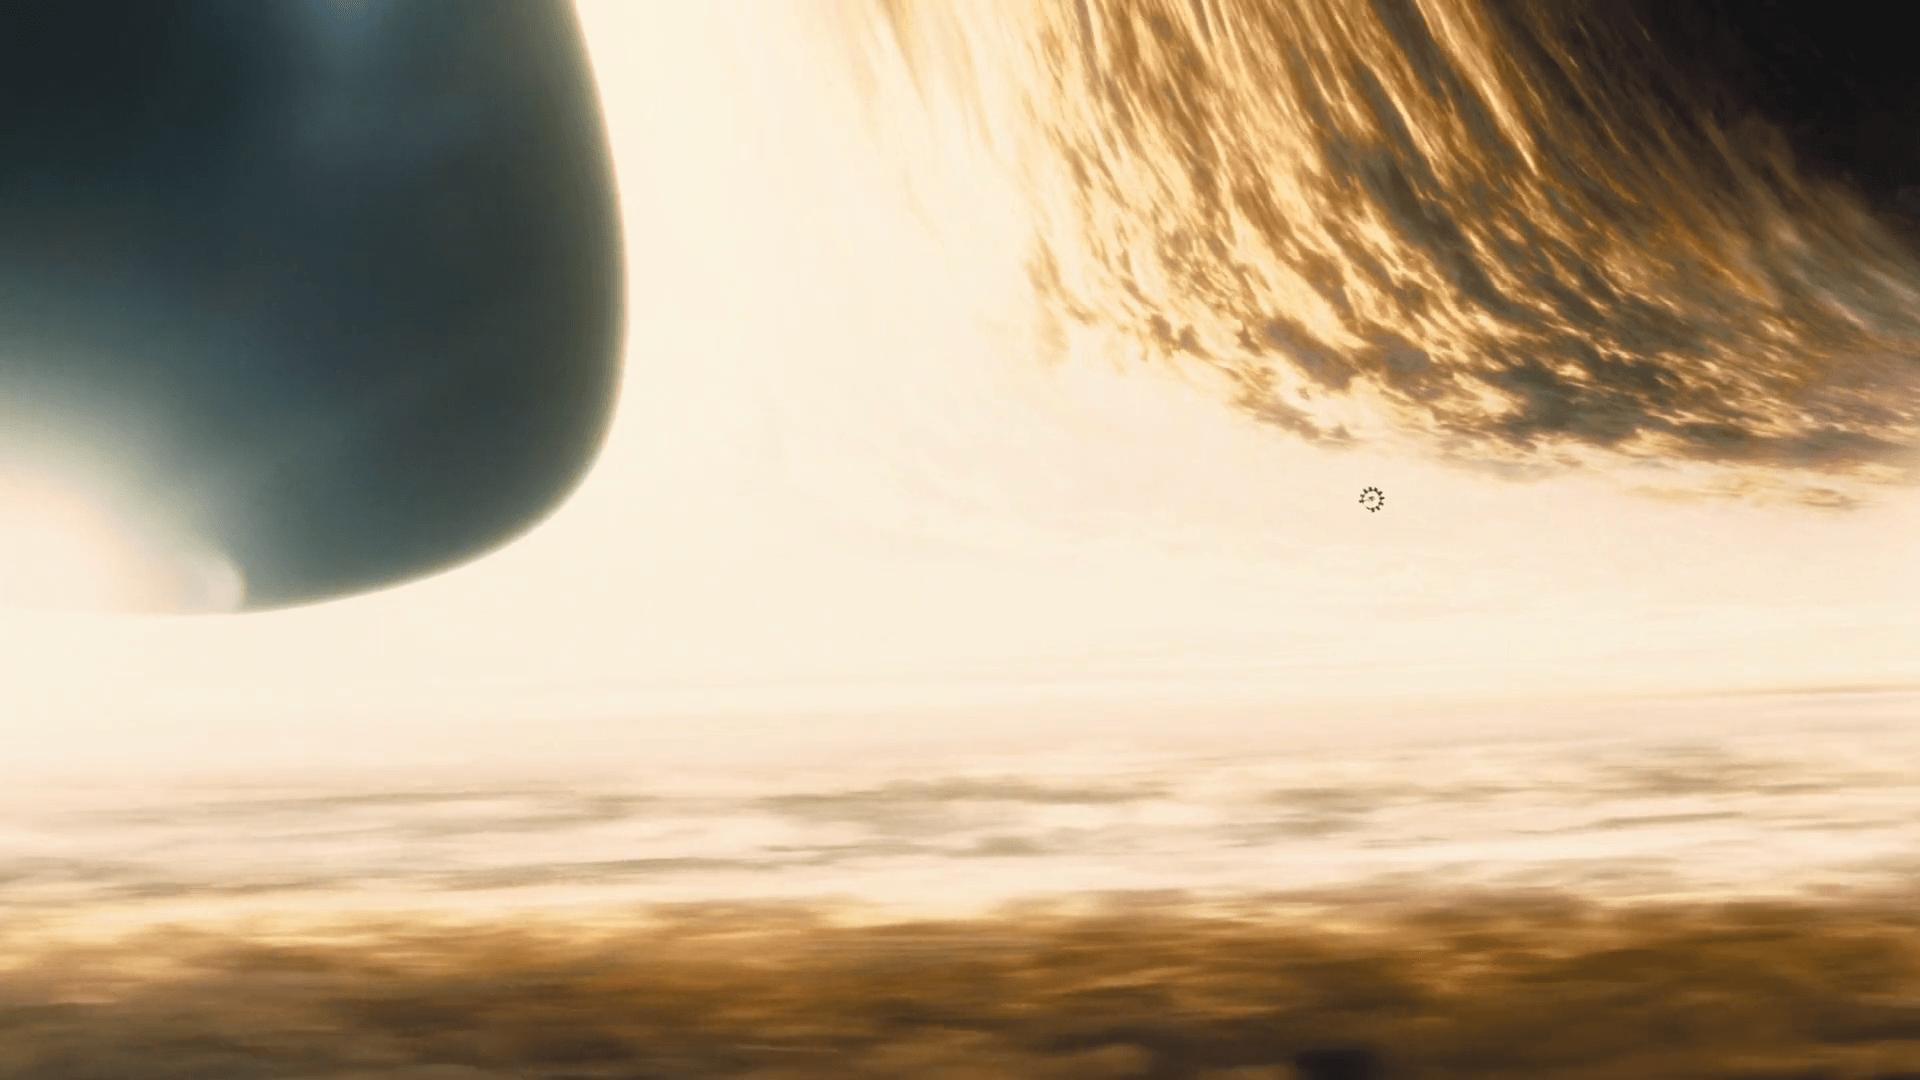 black hole on earth 4k hd desktop wallpaper for 4k ultra - HD1920×1080